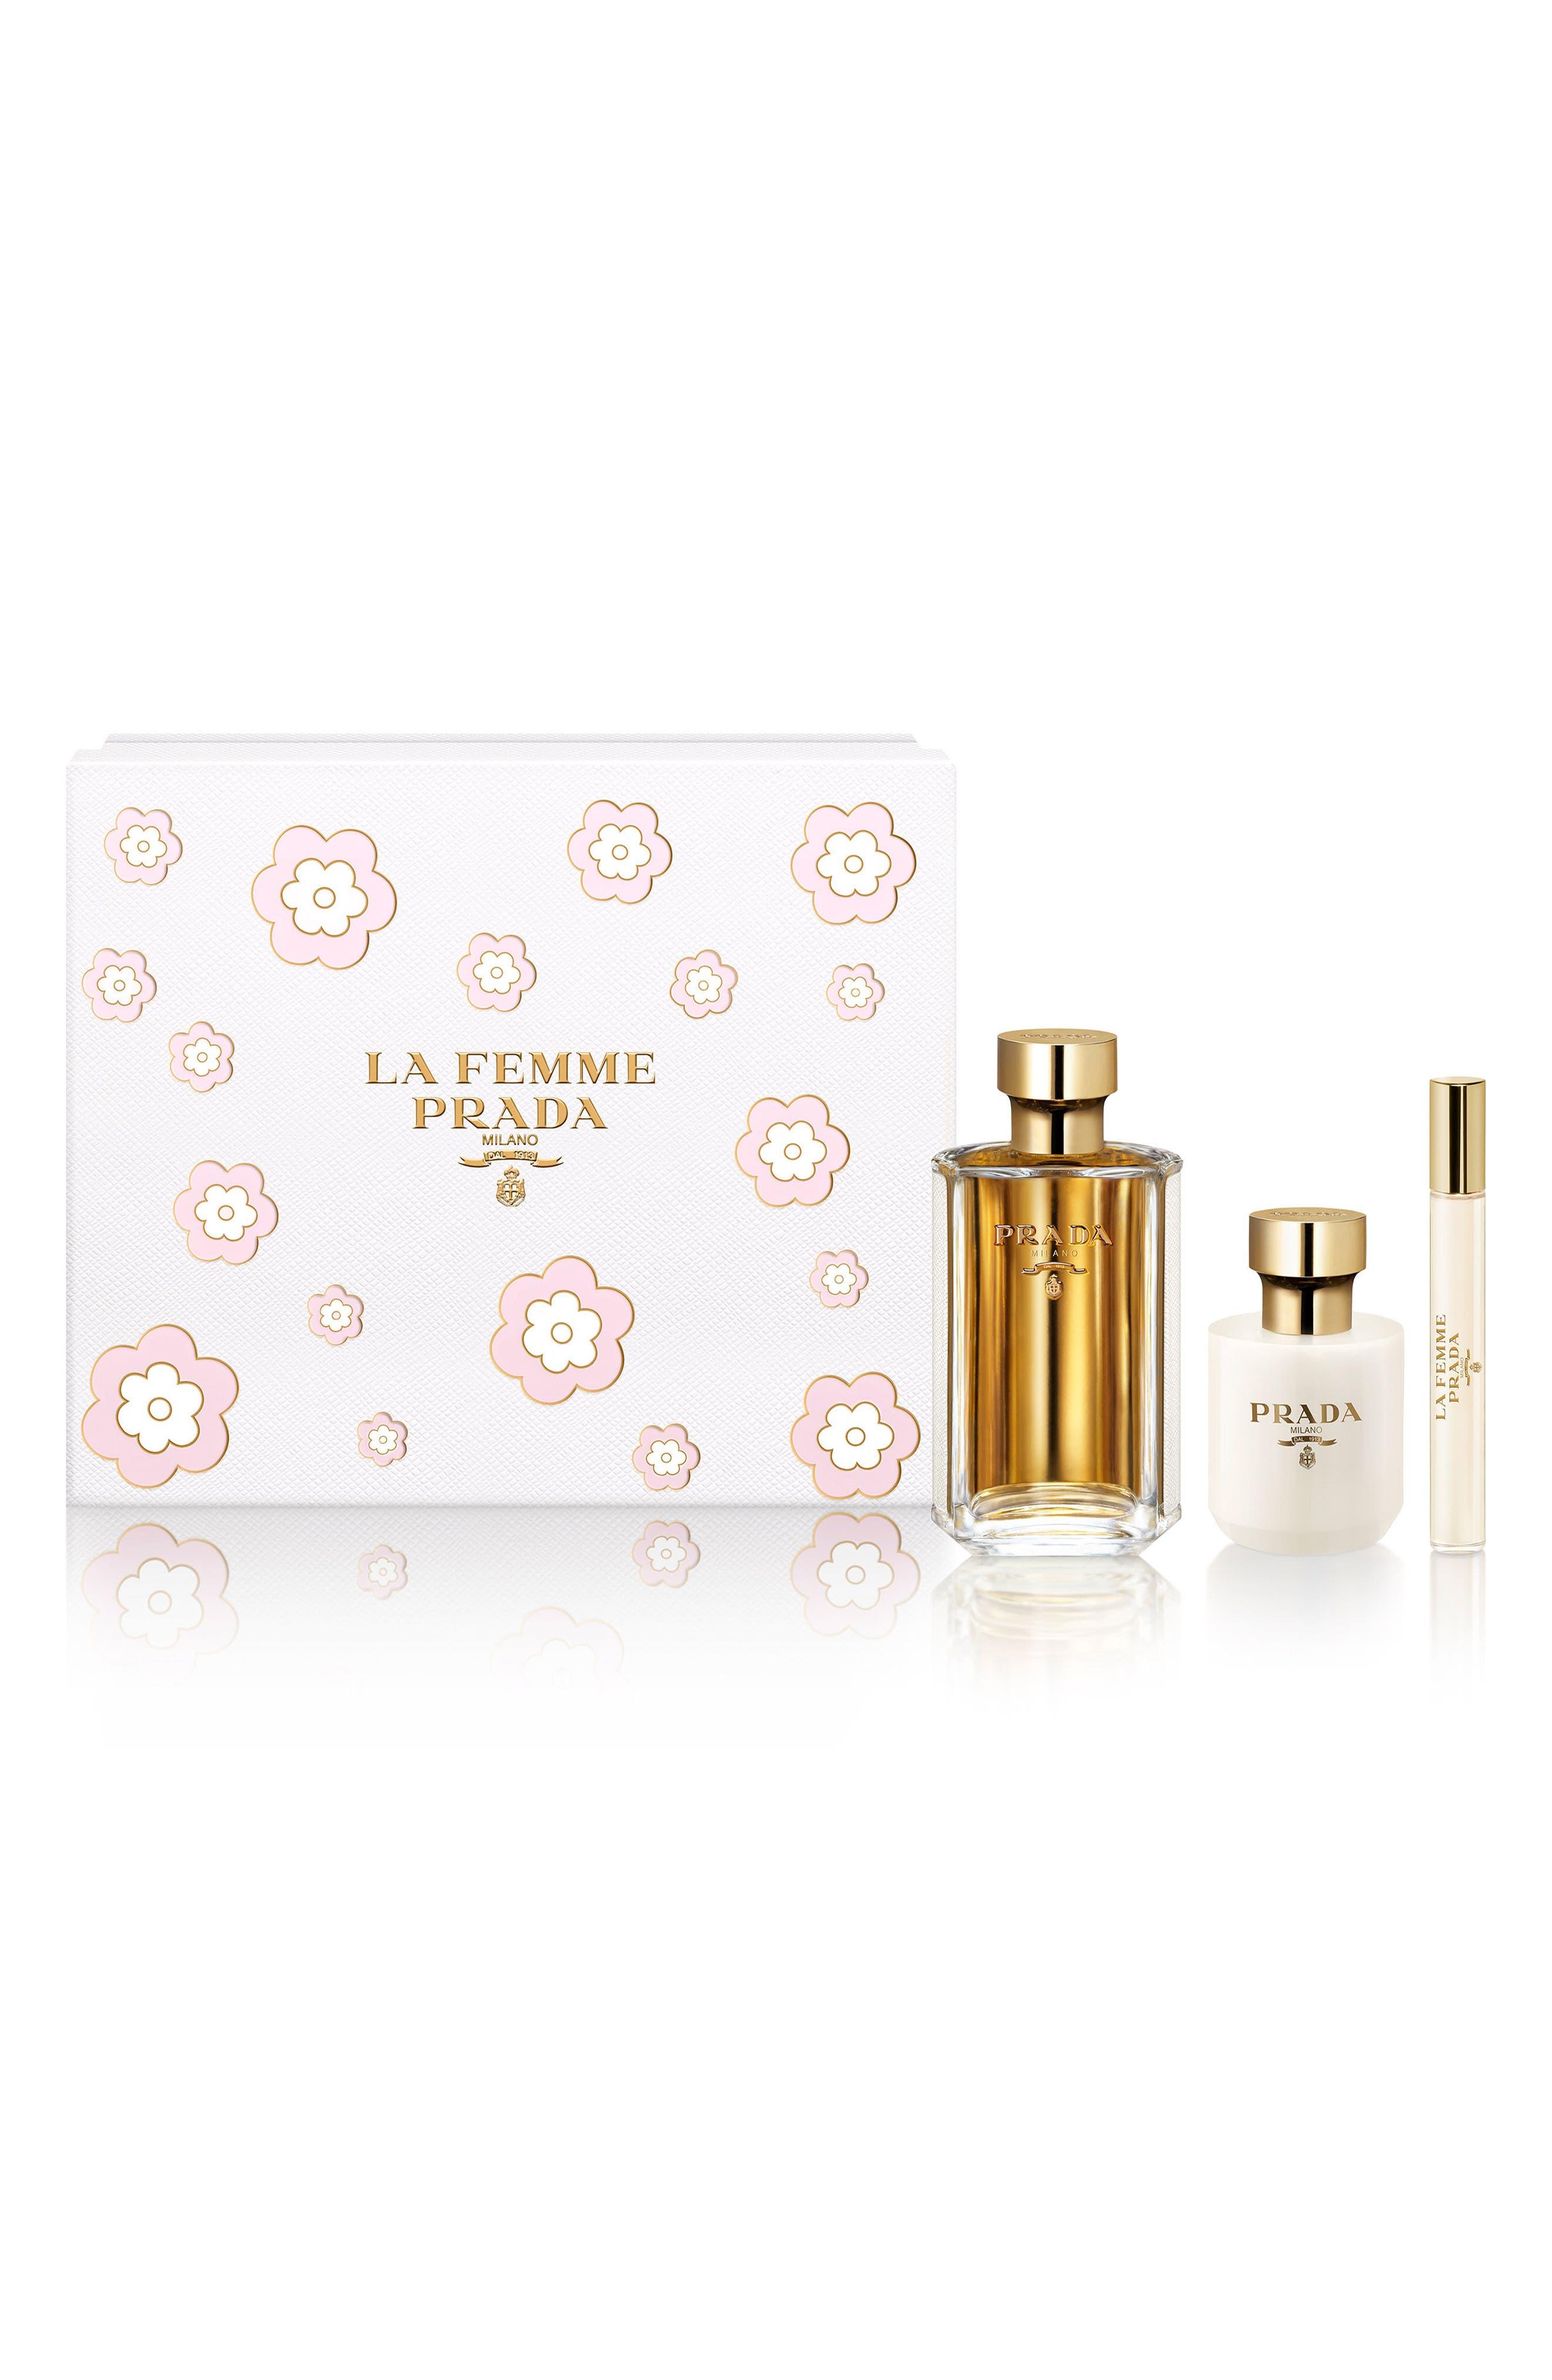 Prada La Femme Prada Set ($170 Value)